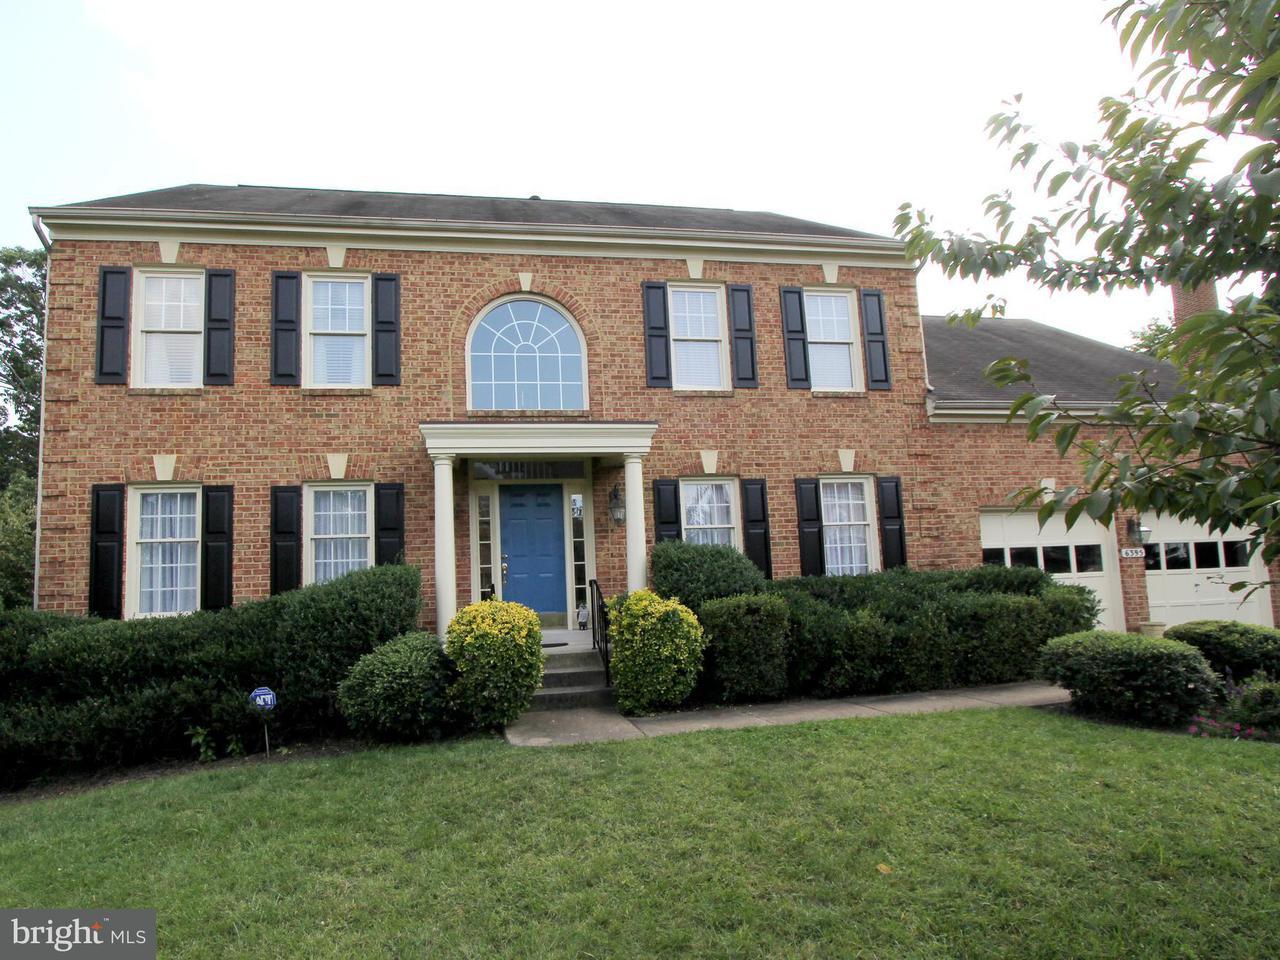 Μονοκατοικία για την Πώληση στο 6395 True Lane 6395 True Lane Springfield, Βιρτζινια 22150 Ηνωμενεσ Πολιτειεσ